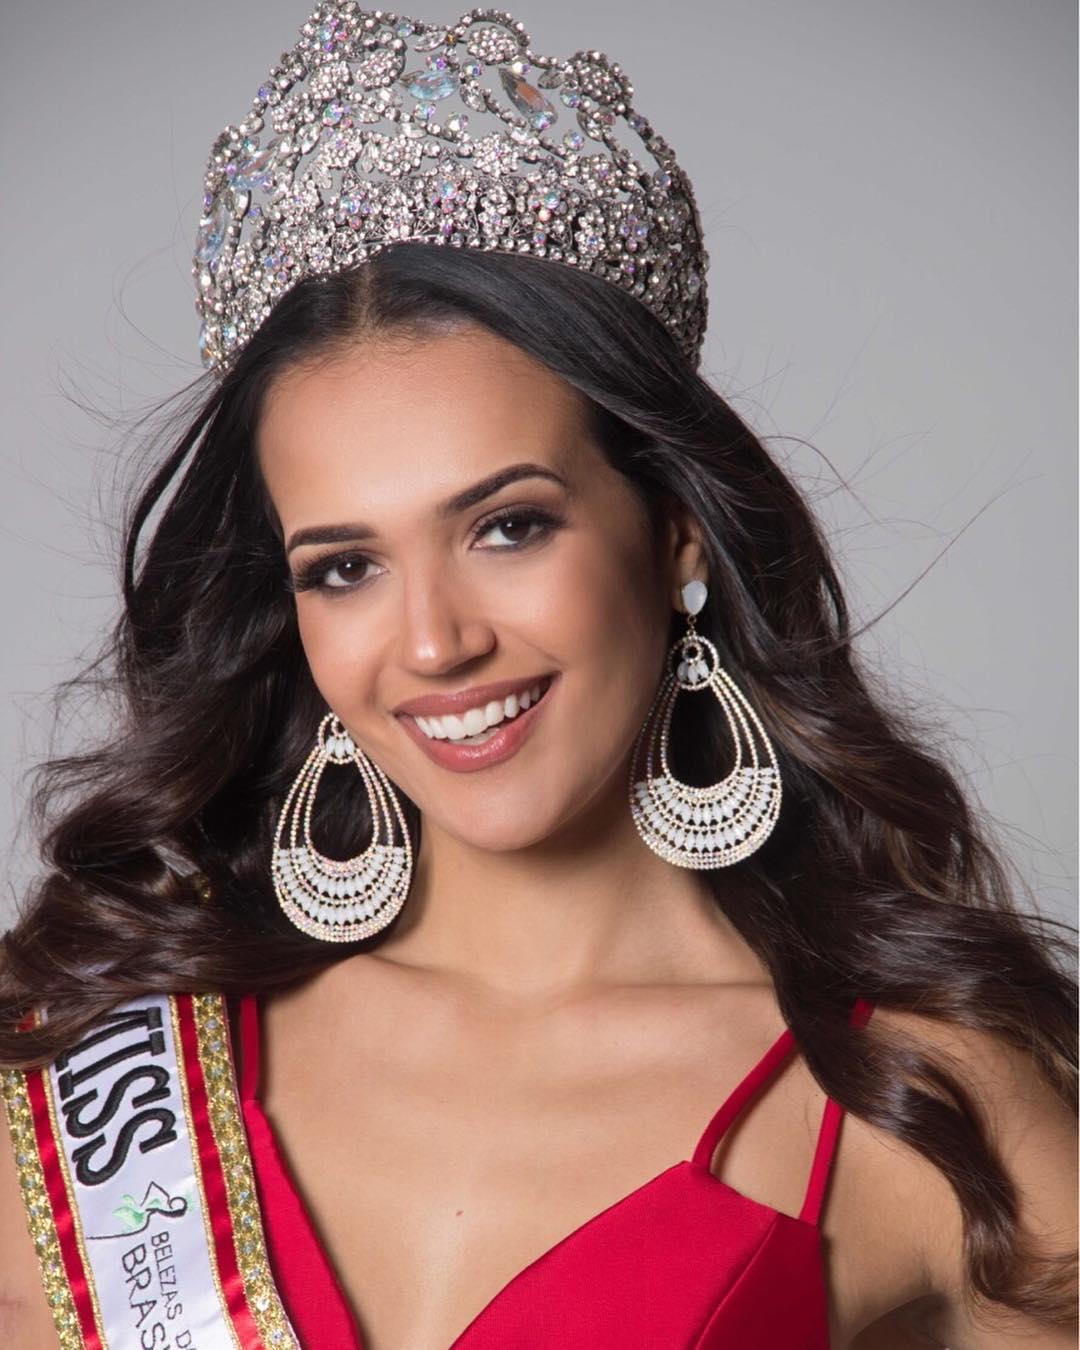 flavia polido, miss brasil intercontinental 2018-2019. 35616311